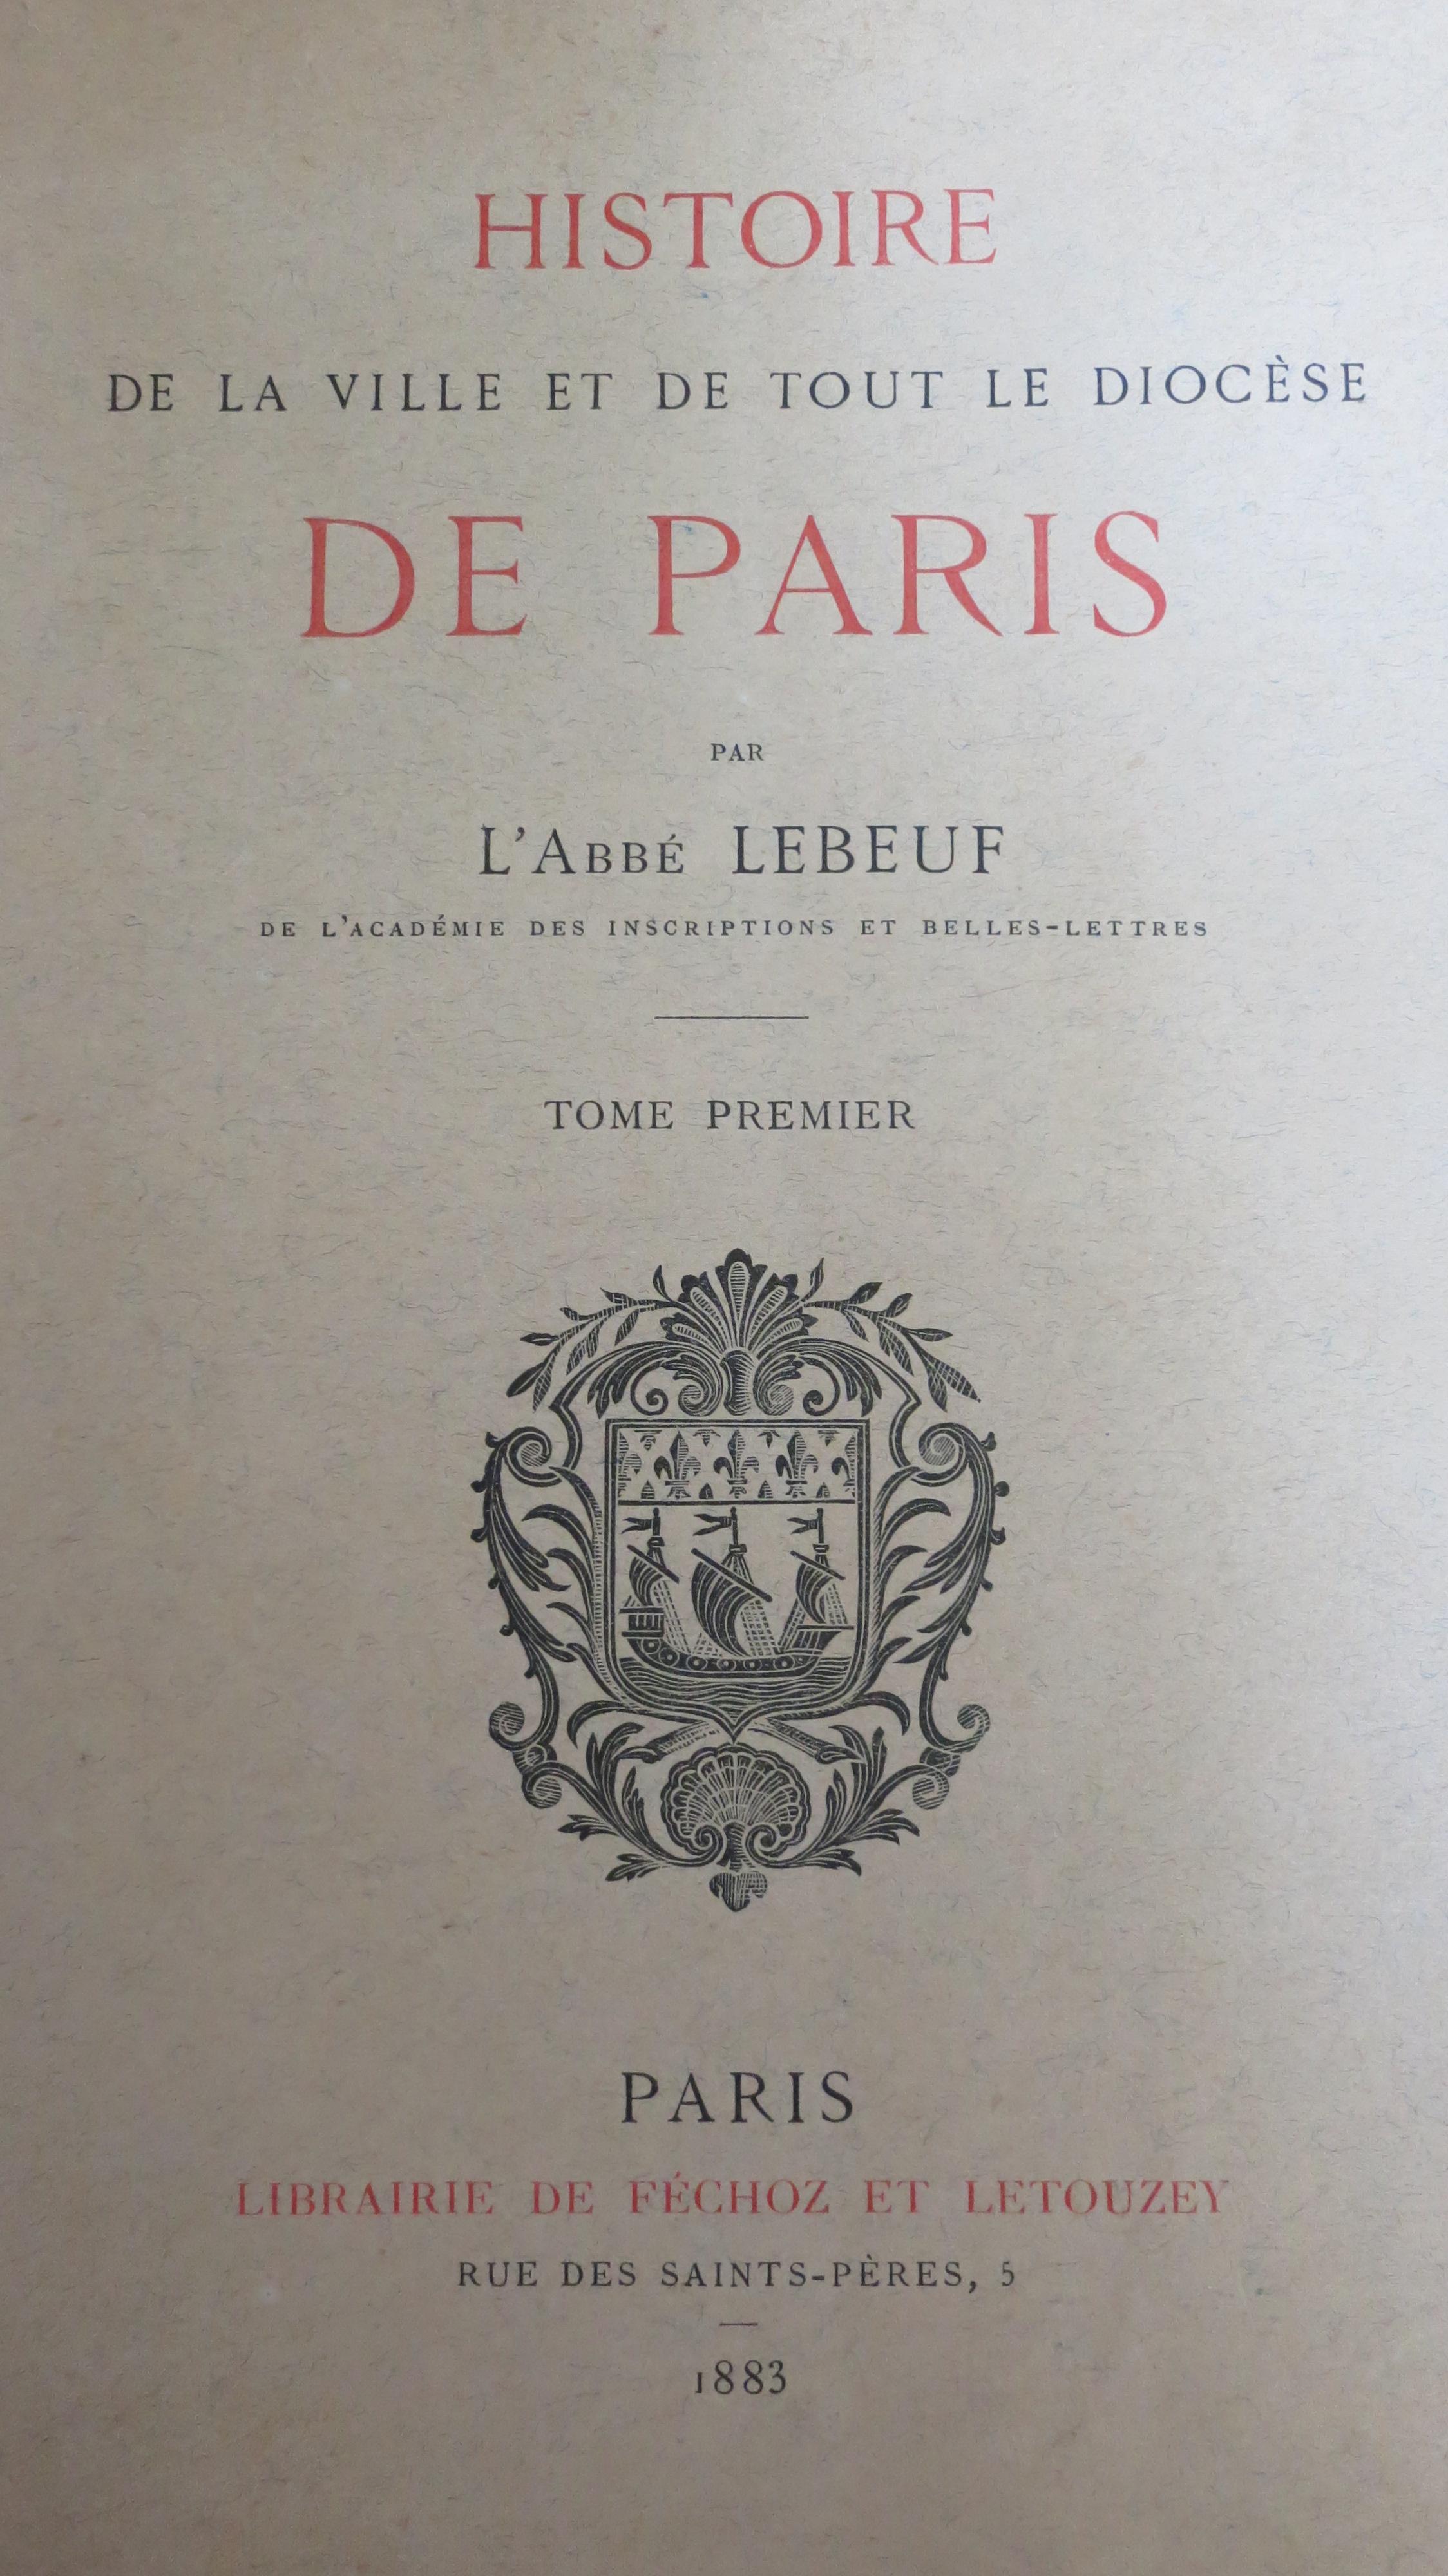 Histoire de la ville et de tout le diocèse de Paris Nouvelle édition